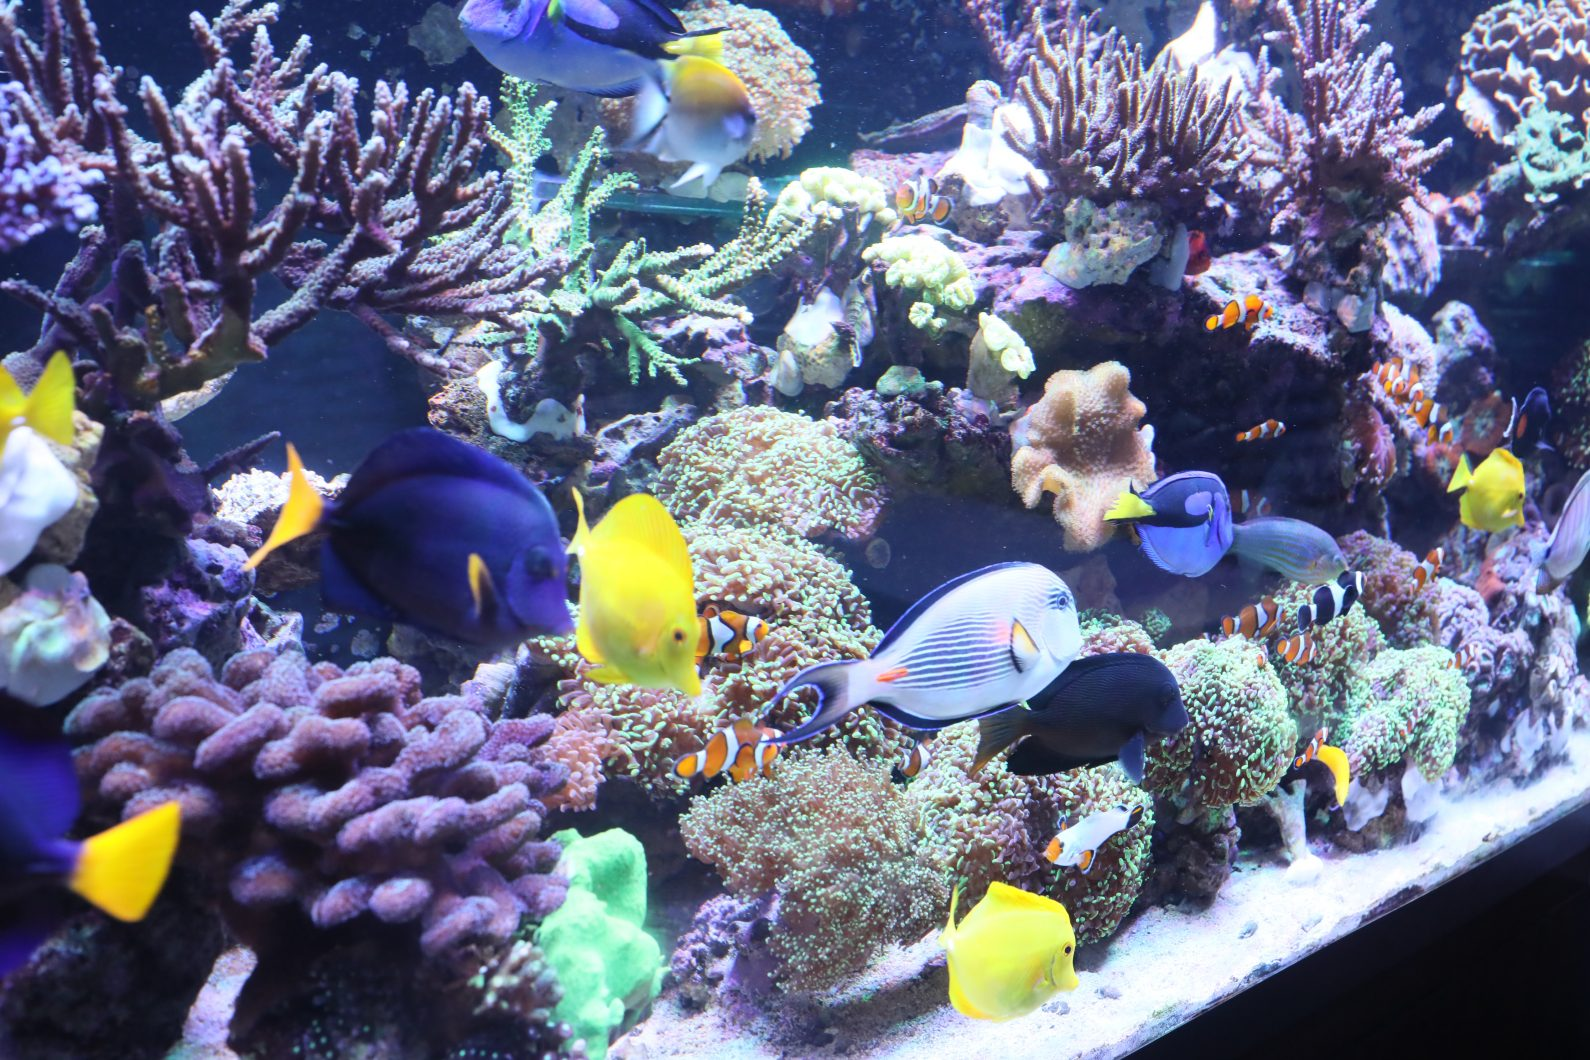 najwyższej jakości diody LED zbiornika koralowego